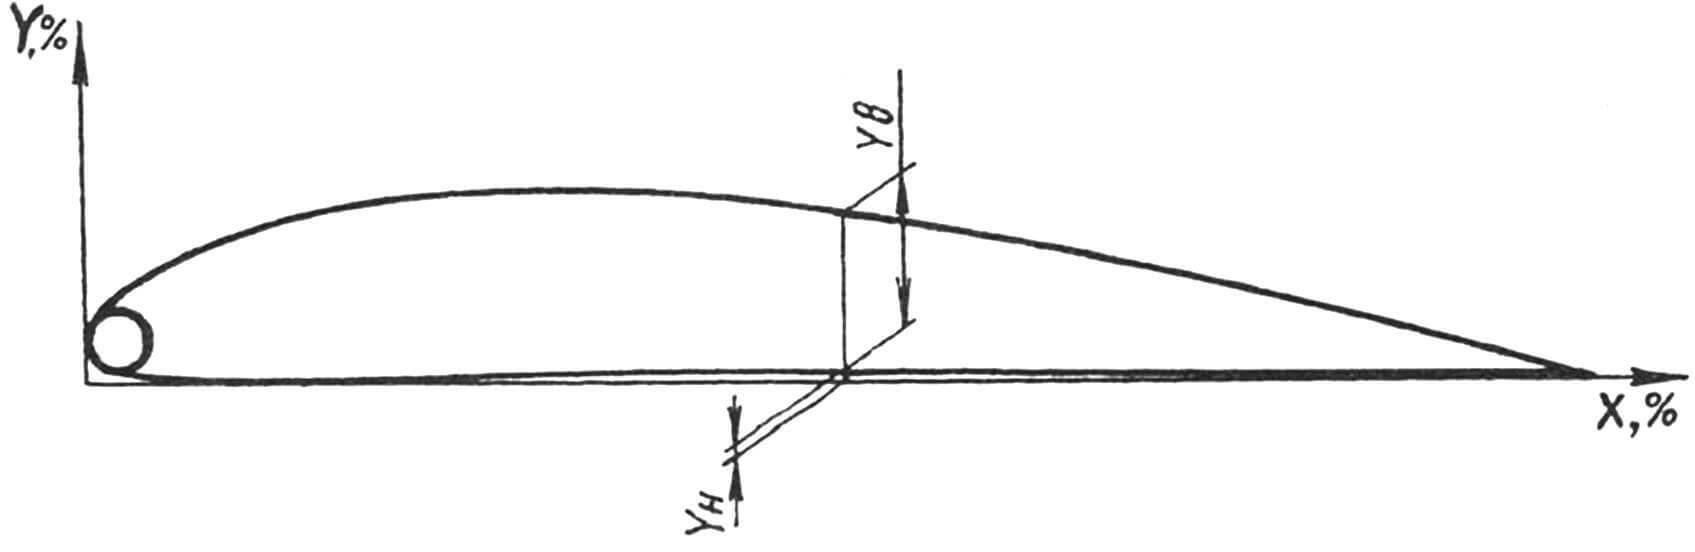 Таблица координат профиля Gottingen-584